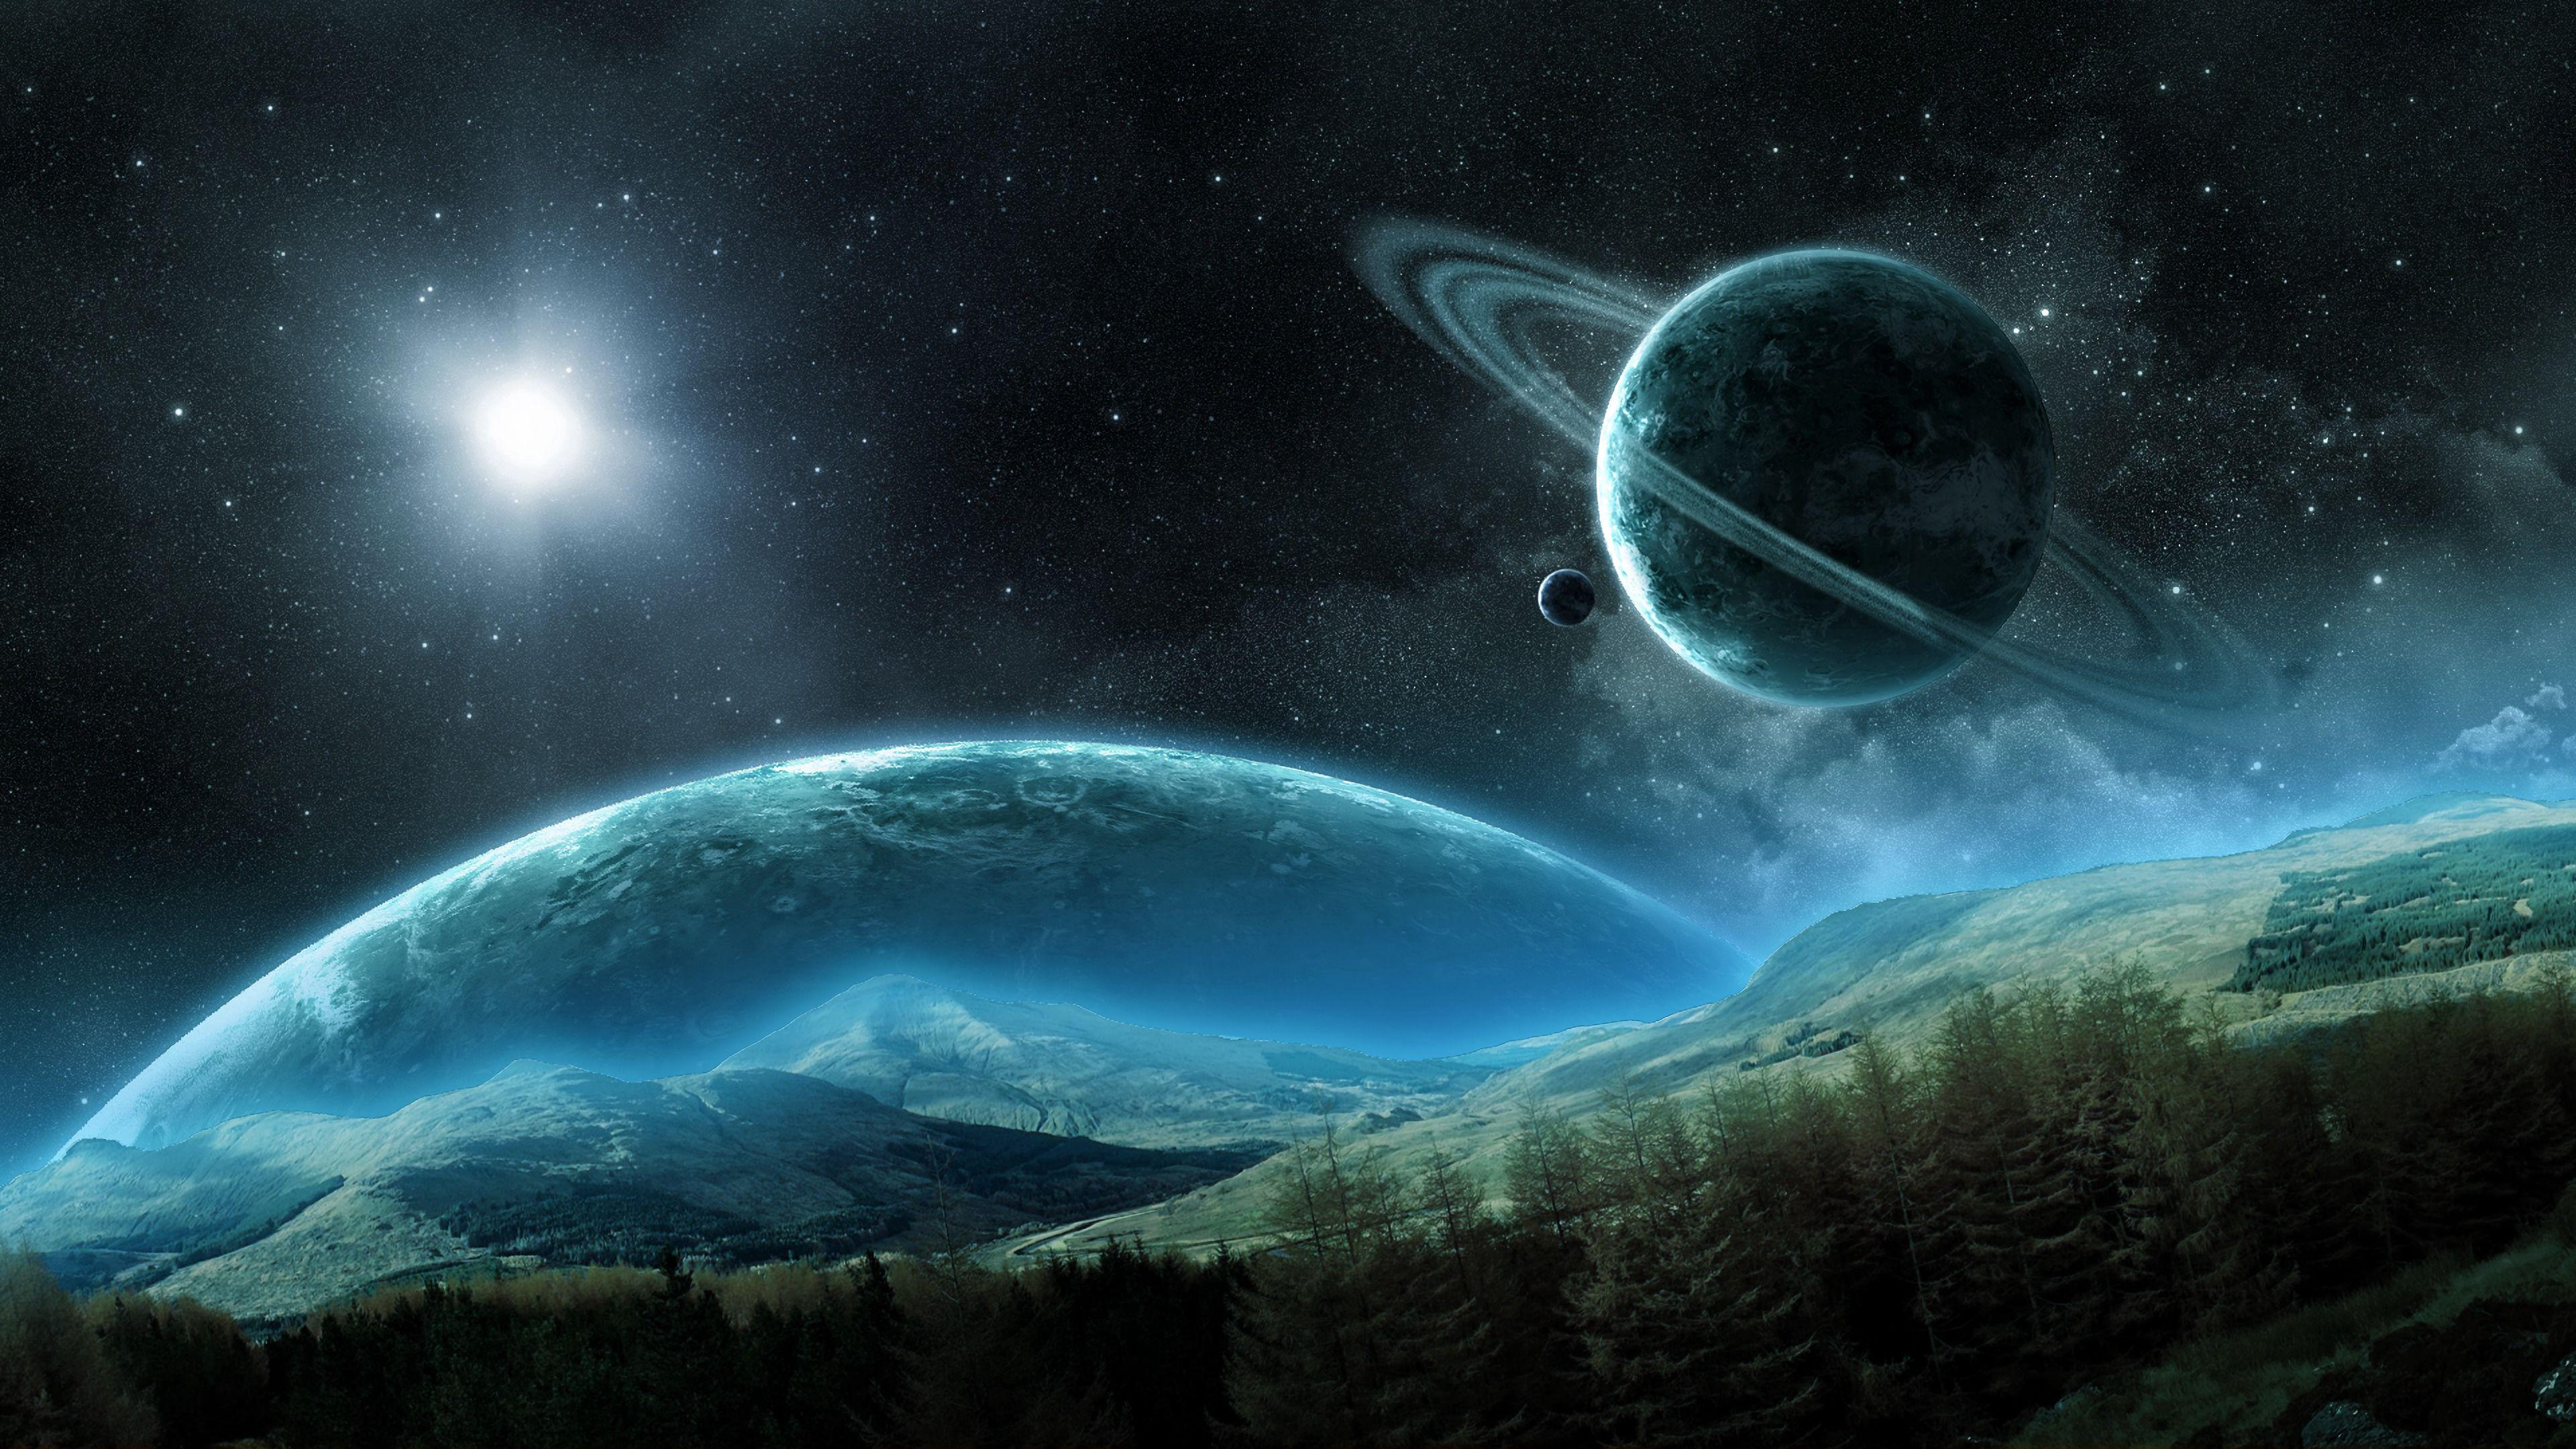 110255 скачать обои Космос, Космический, Кольца, Планета, Ночь, Спутник, Сатурн - заставки и картинки бесплатно